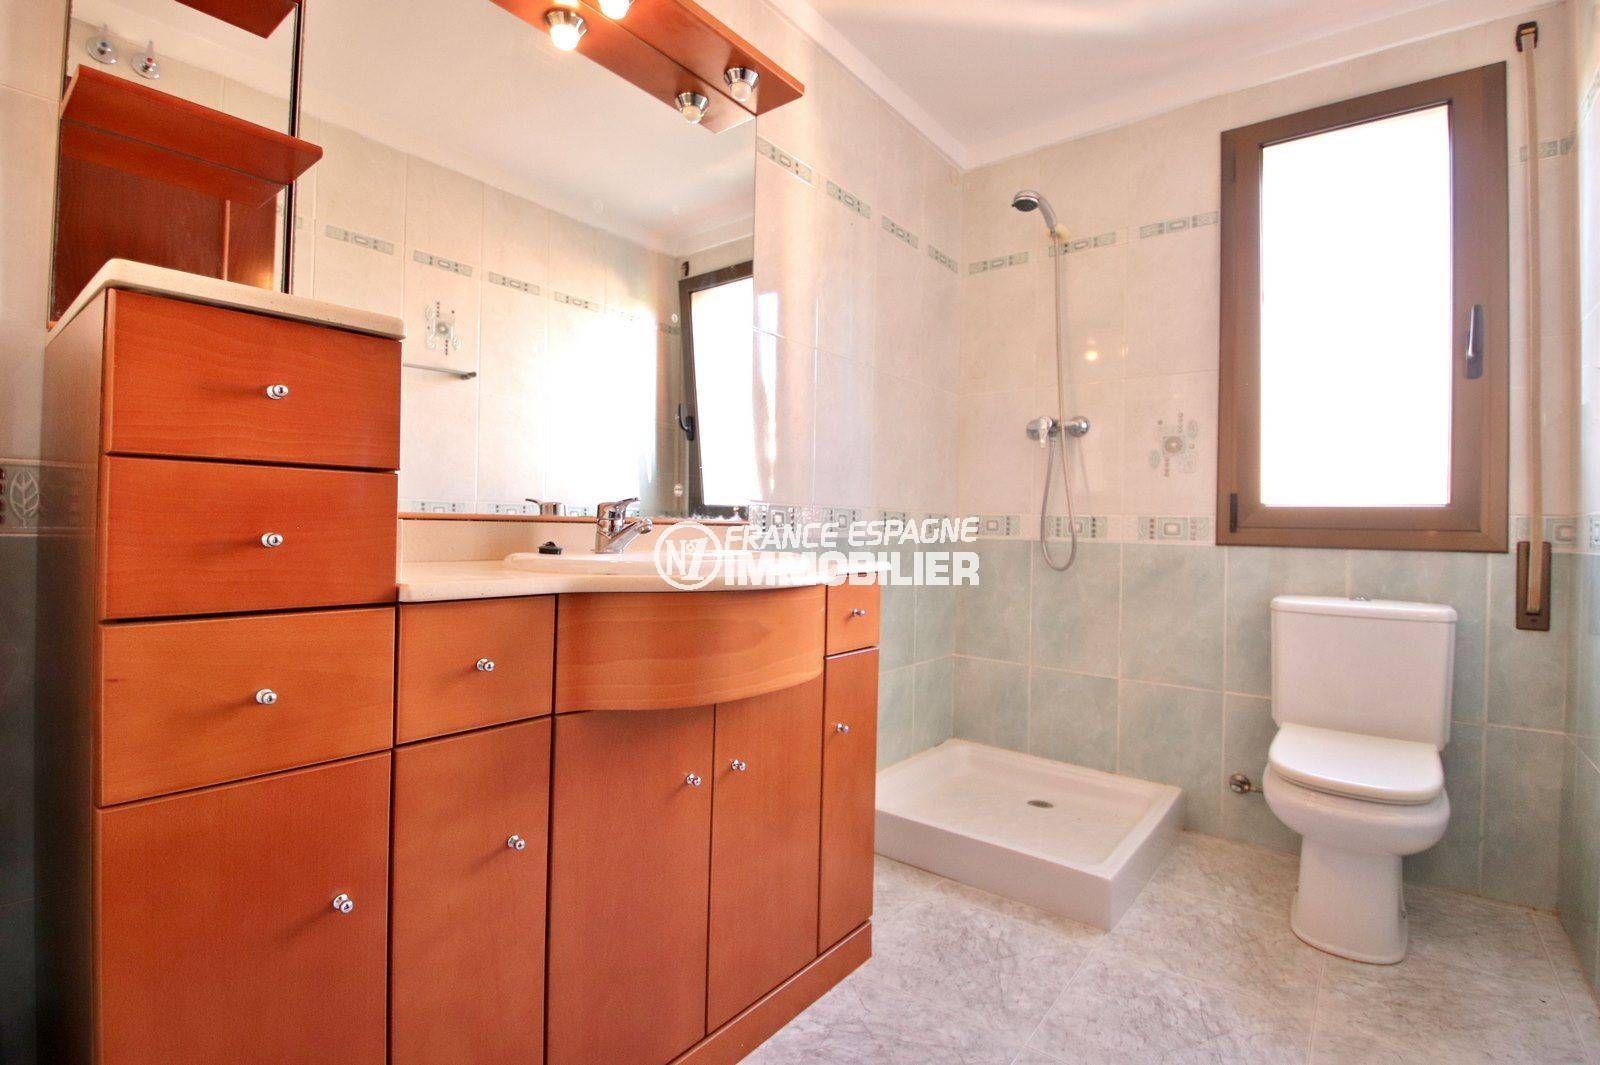 acheter malin costa brava: villa ref.3801, première salle d'eau (suite parentale)